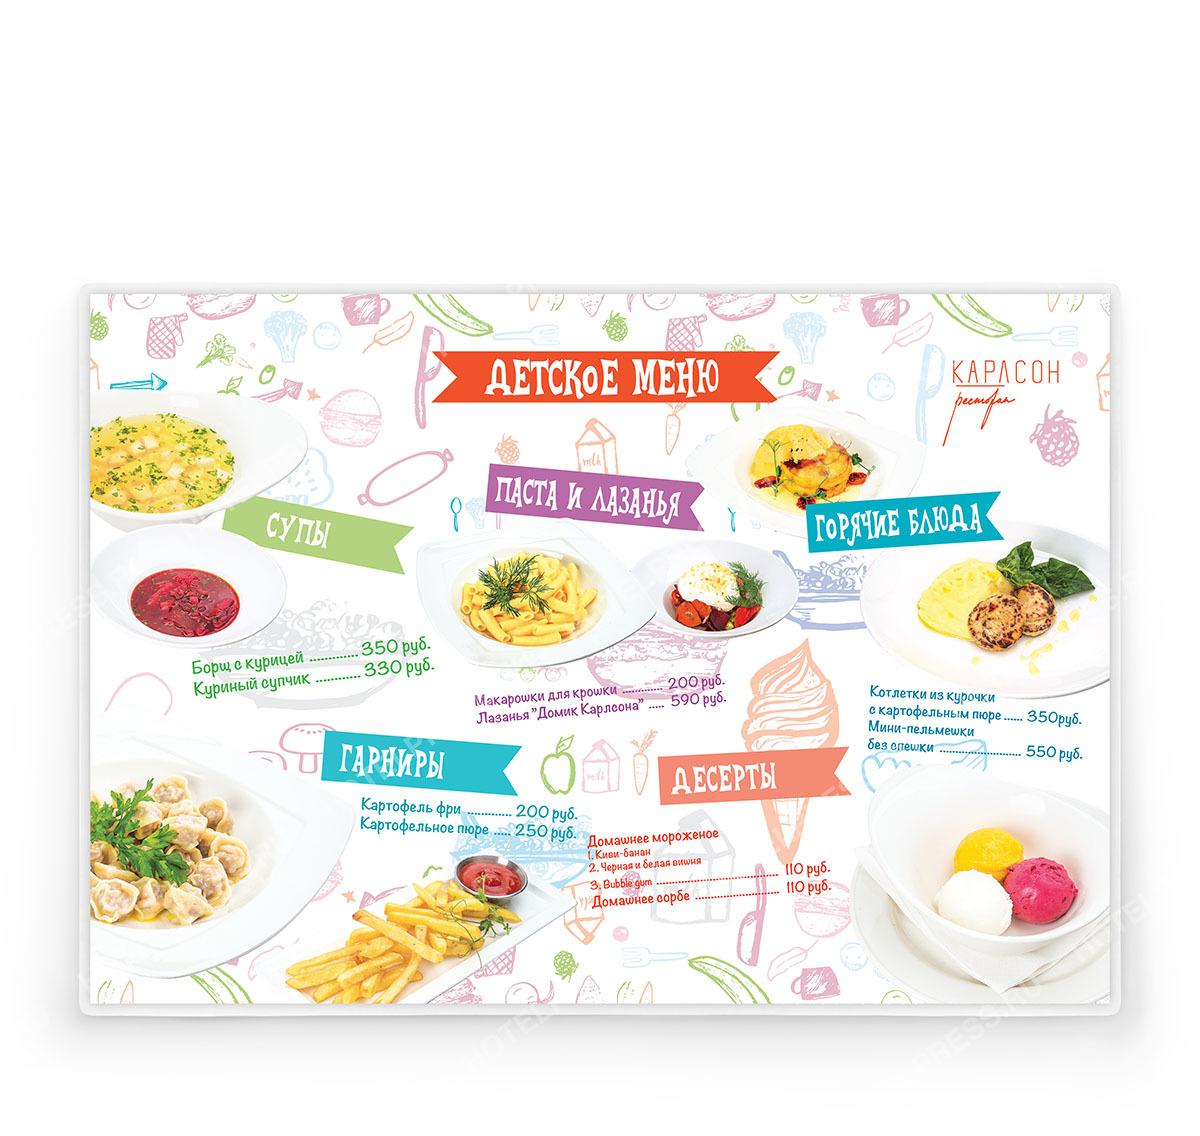 Плейсмат-детское меню сервировочный  из бумаги  ПМ-15